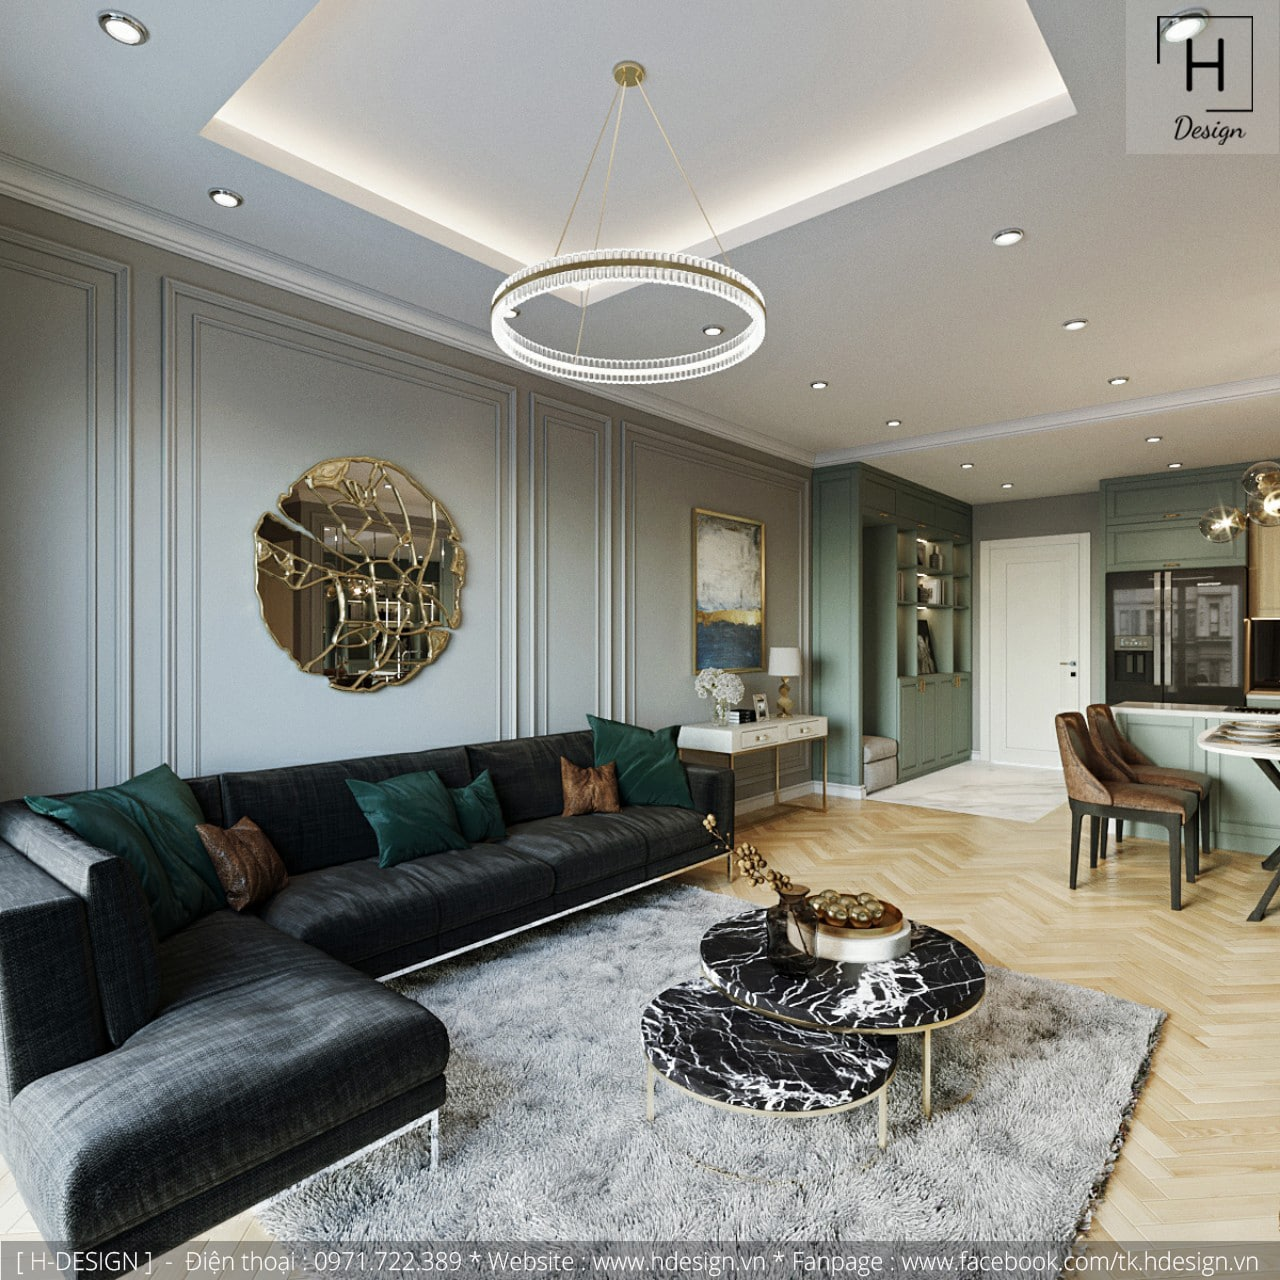 Thiết kế thi công nội thất chung cư Kosmo tại Hà Nội